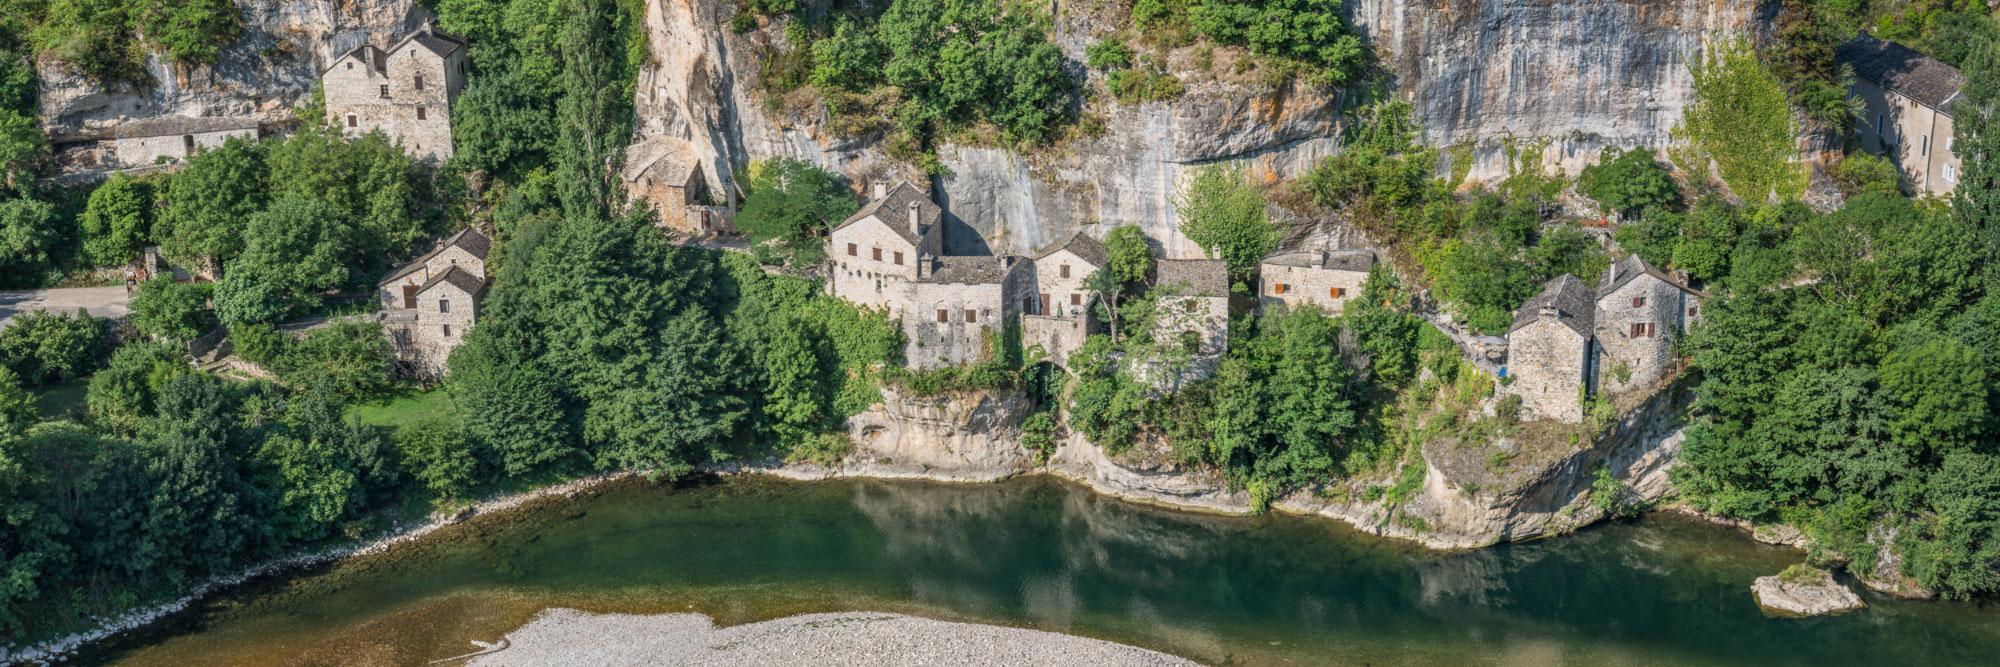 Village troglodytique de Castelbouc, gorges du Tarn, Causses